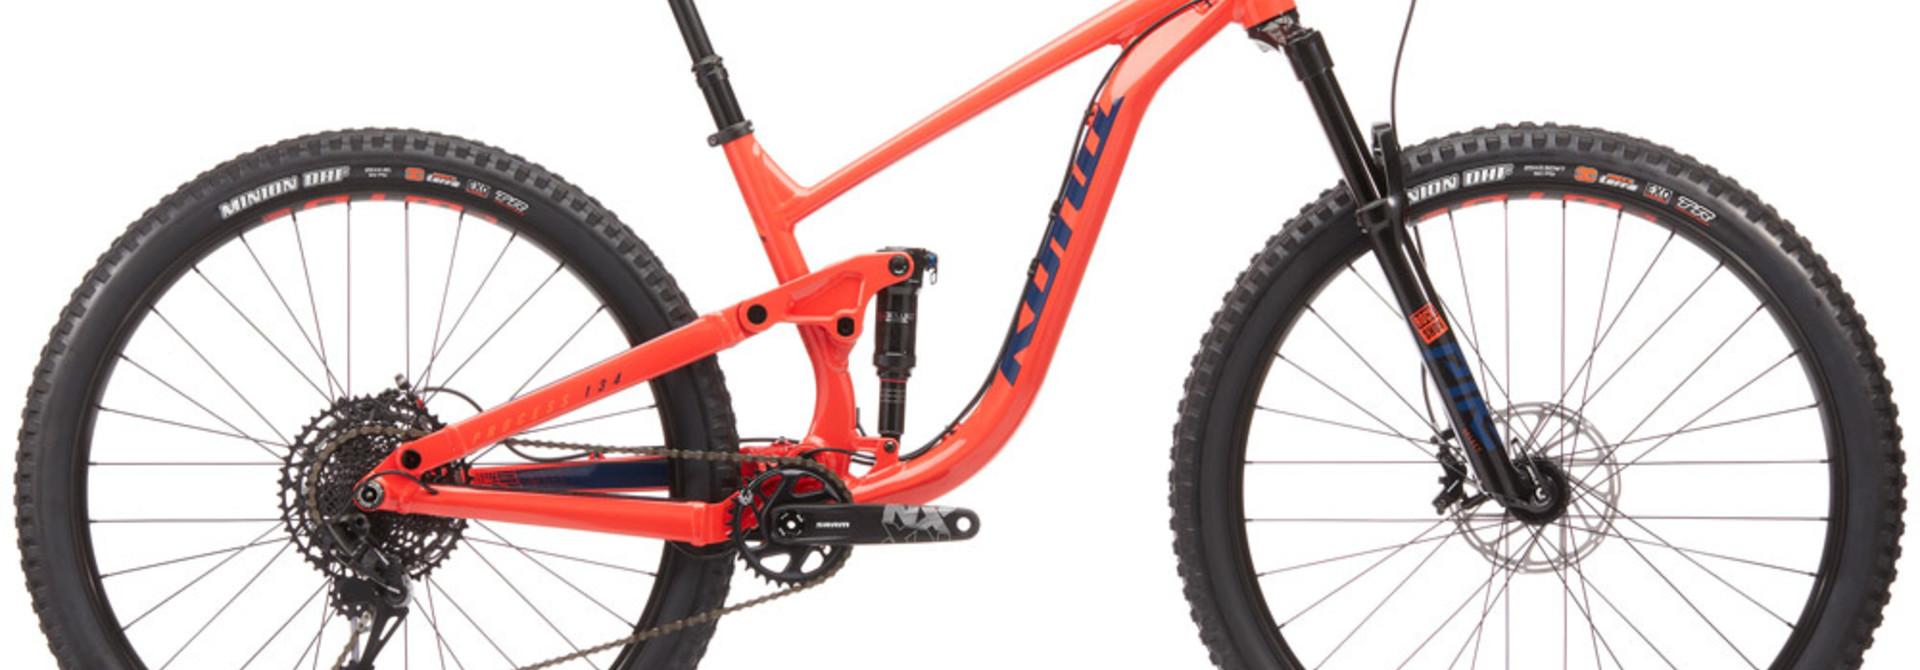 Process 134 29 Deluxe Orange XL